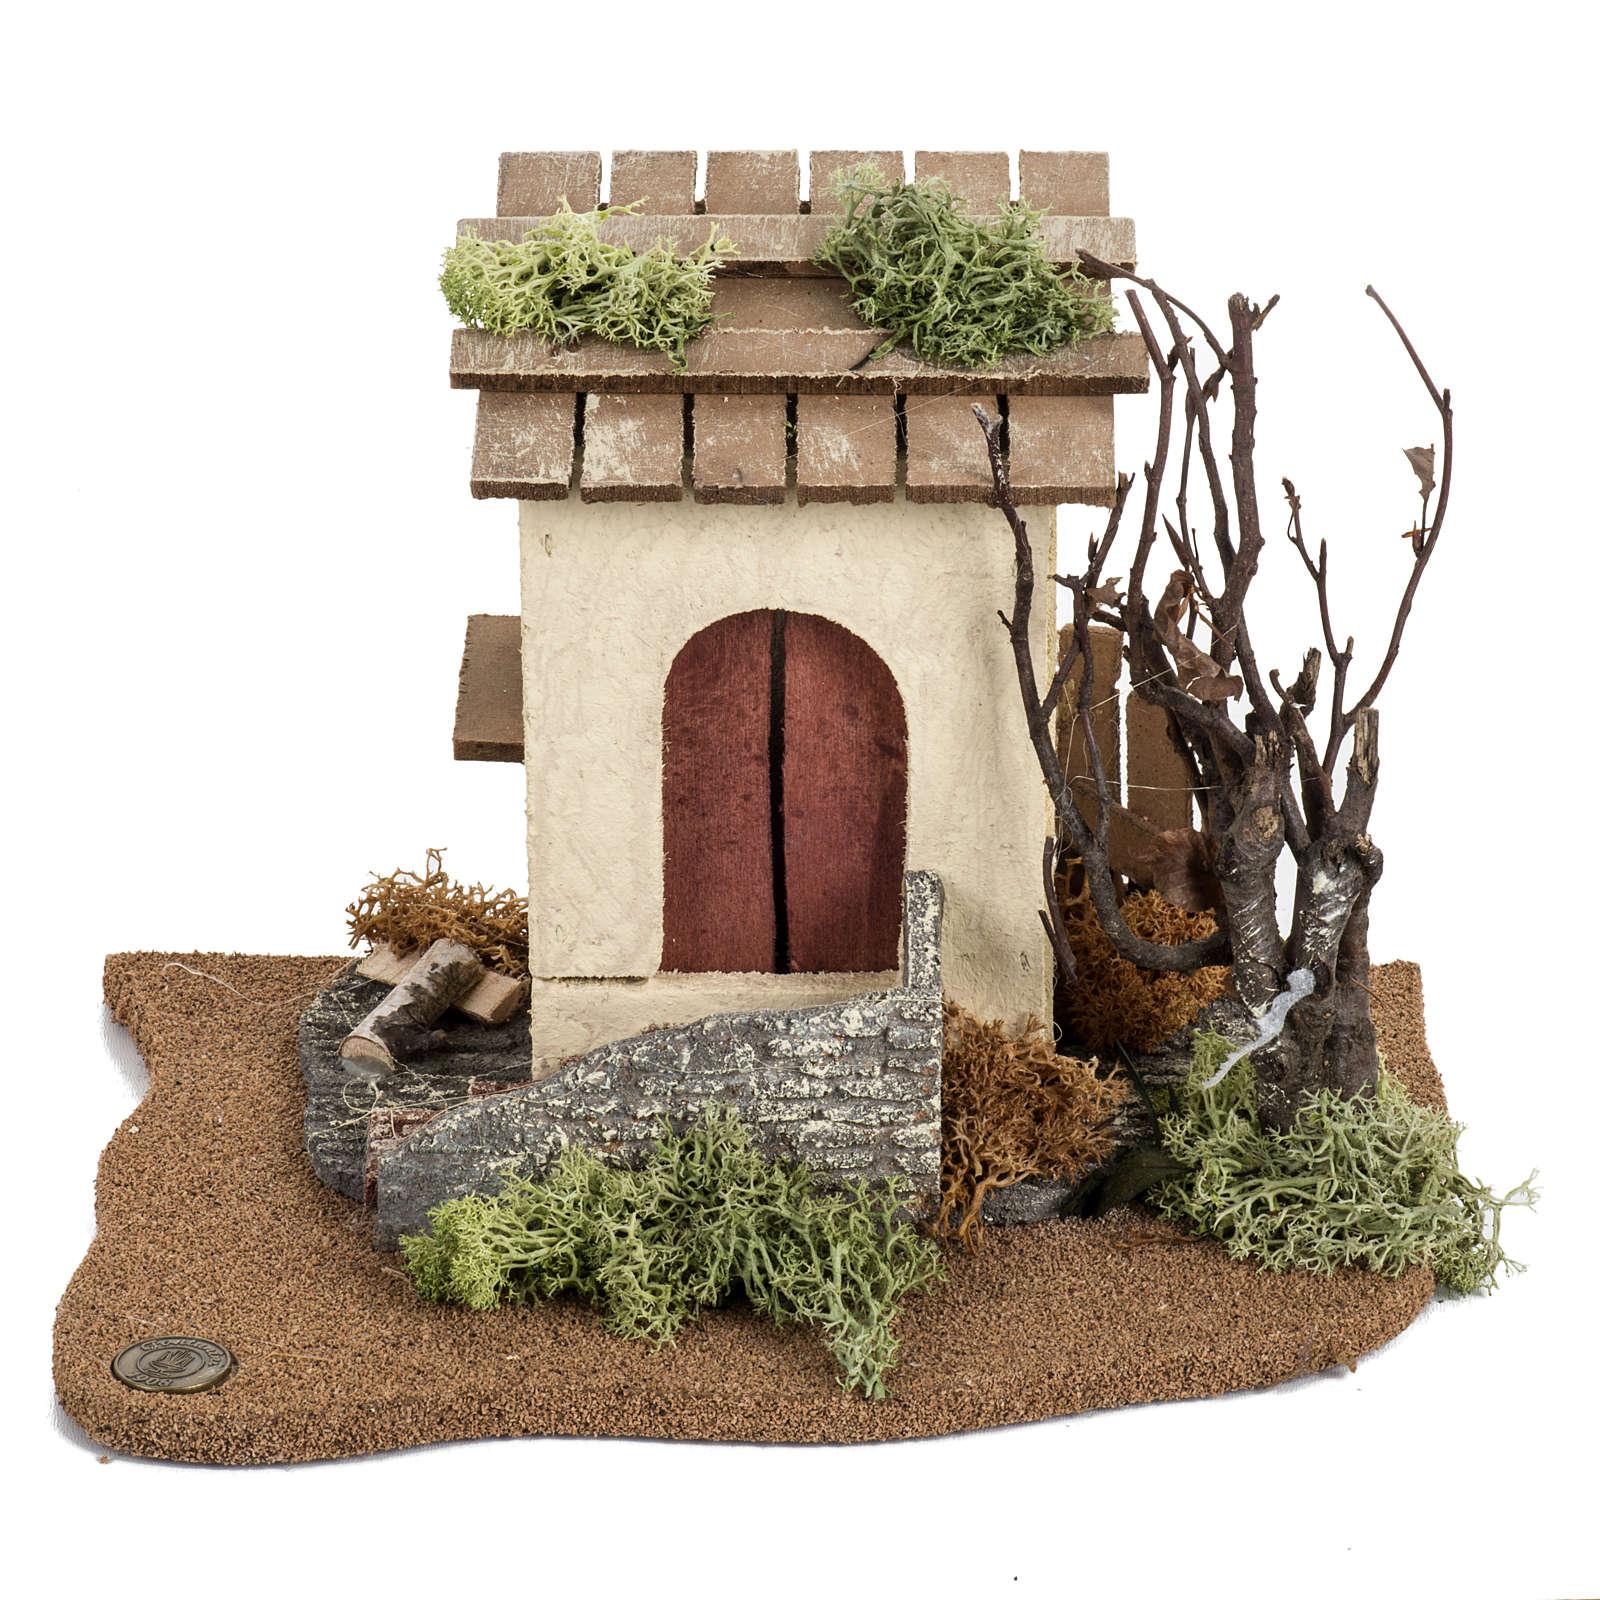 Henhouse, Fontanini nativities 12cm 3